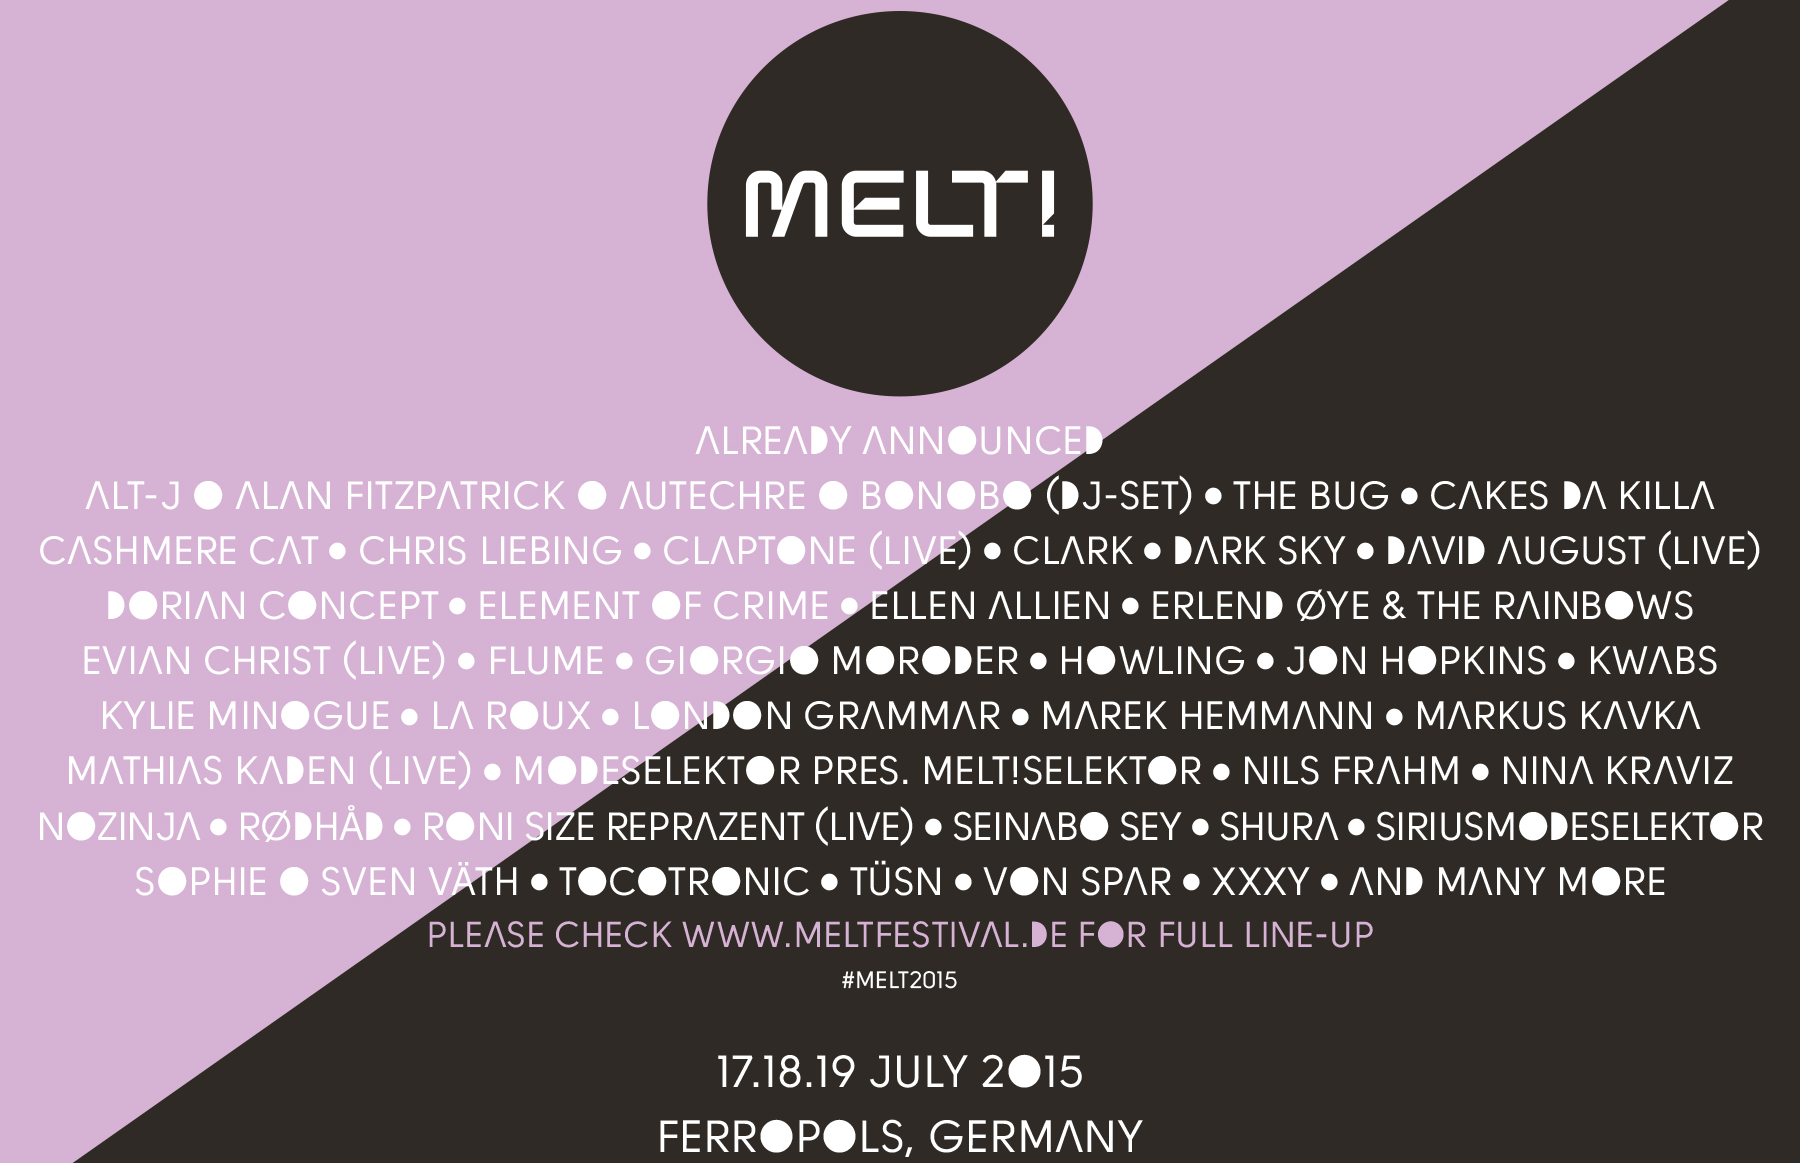 Melt already announced